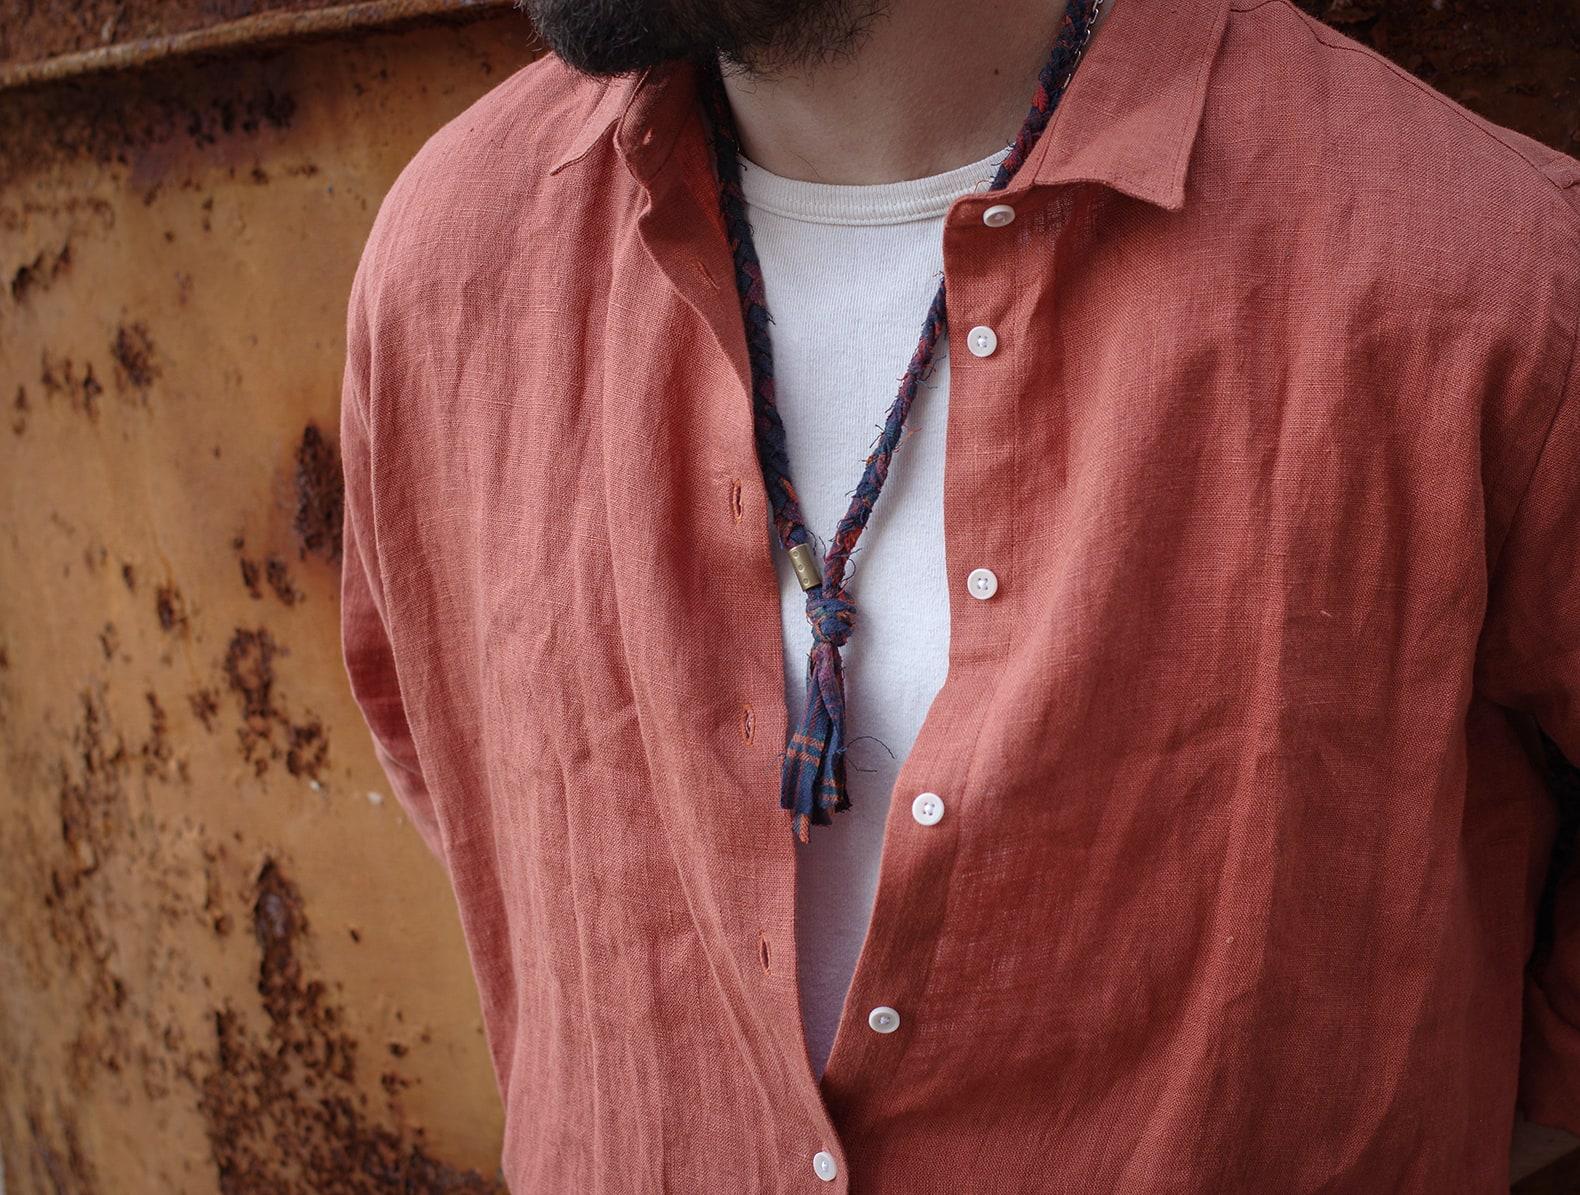 chemise en lin de couleur rouille avec un collier en tissu tressé